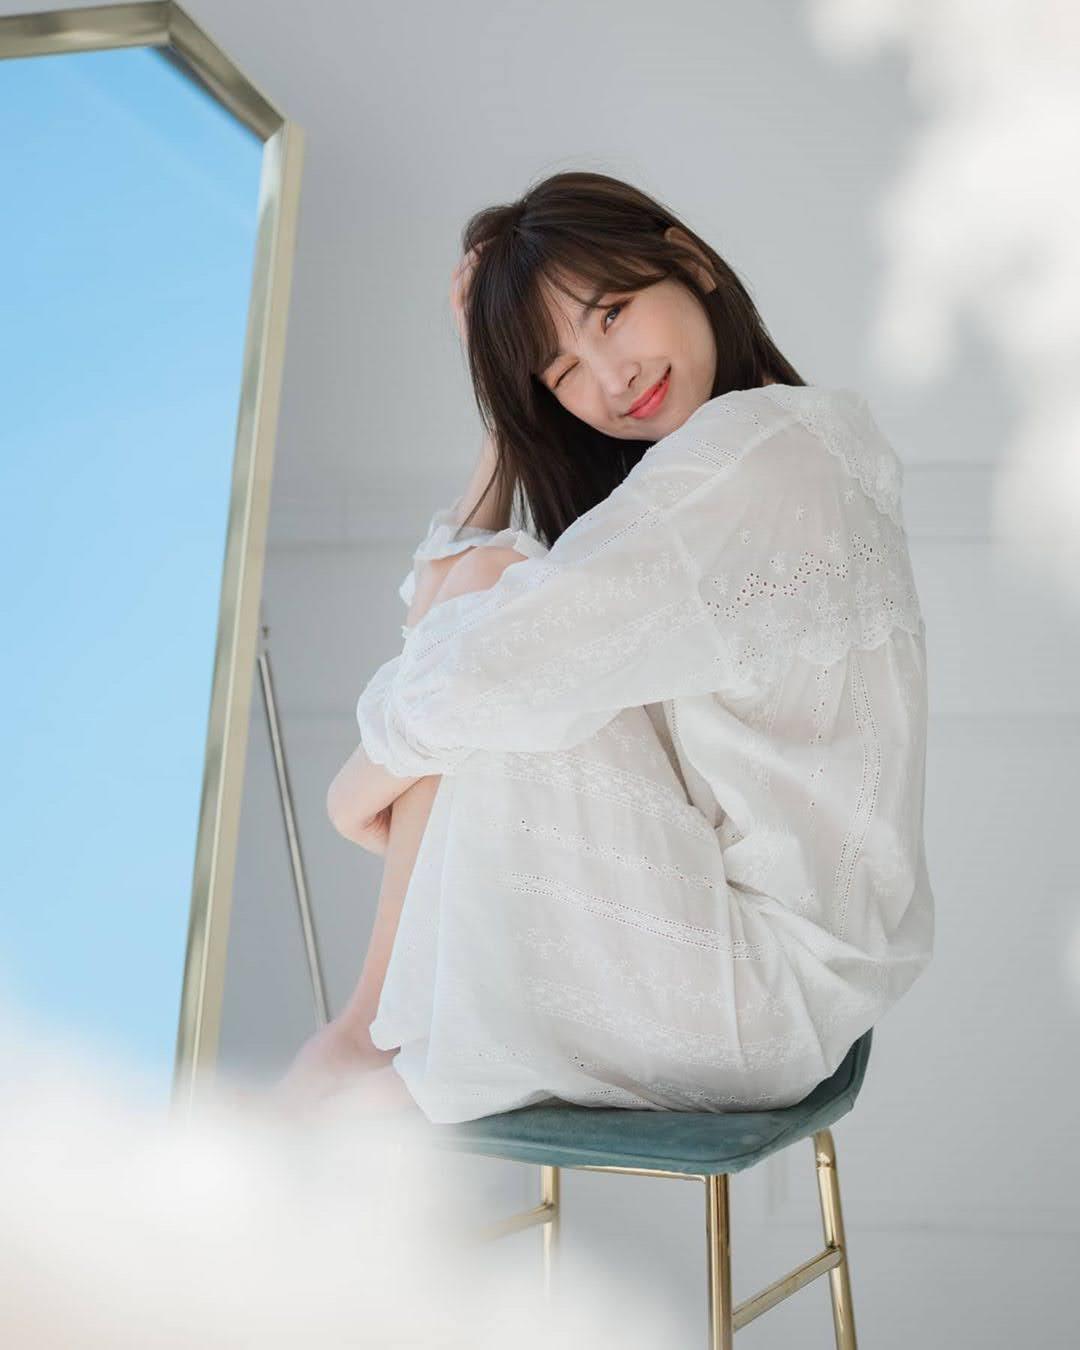 Hae-In Lee 15